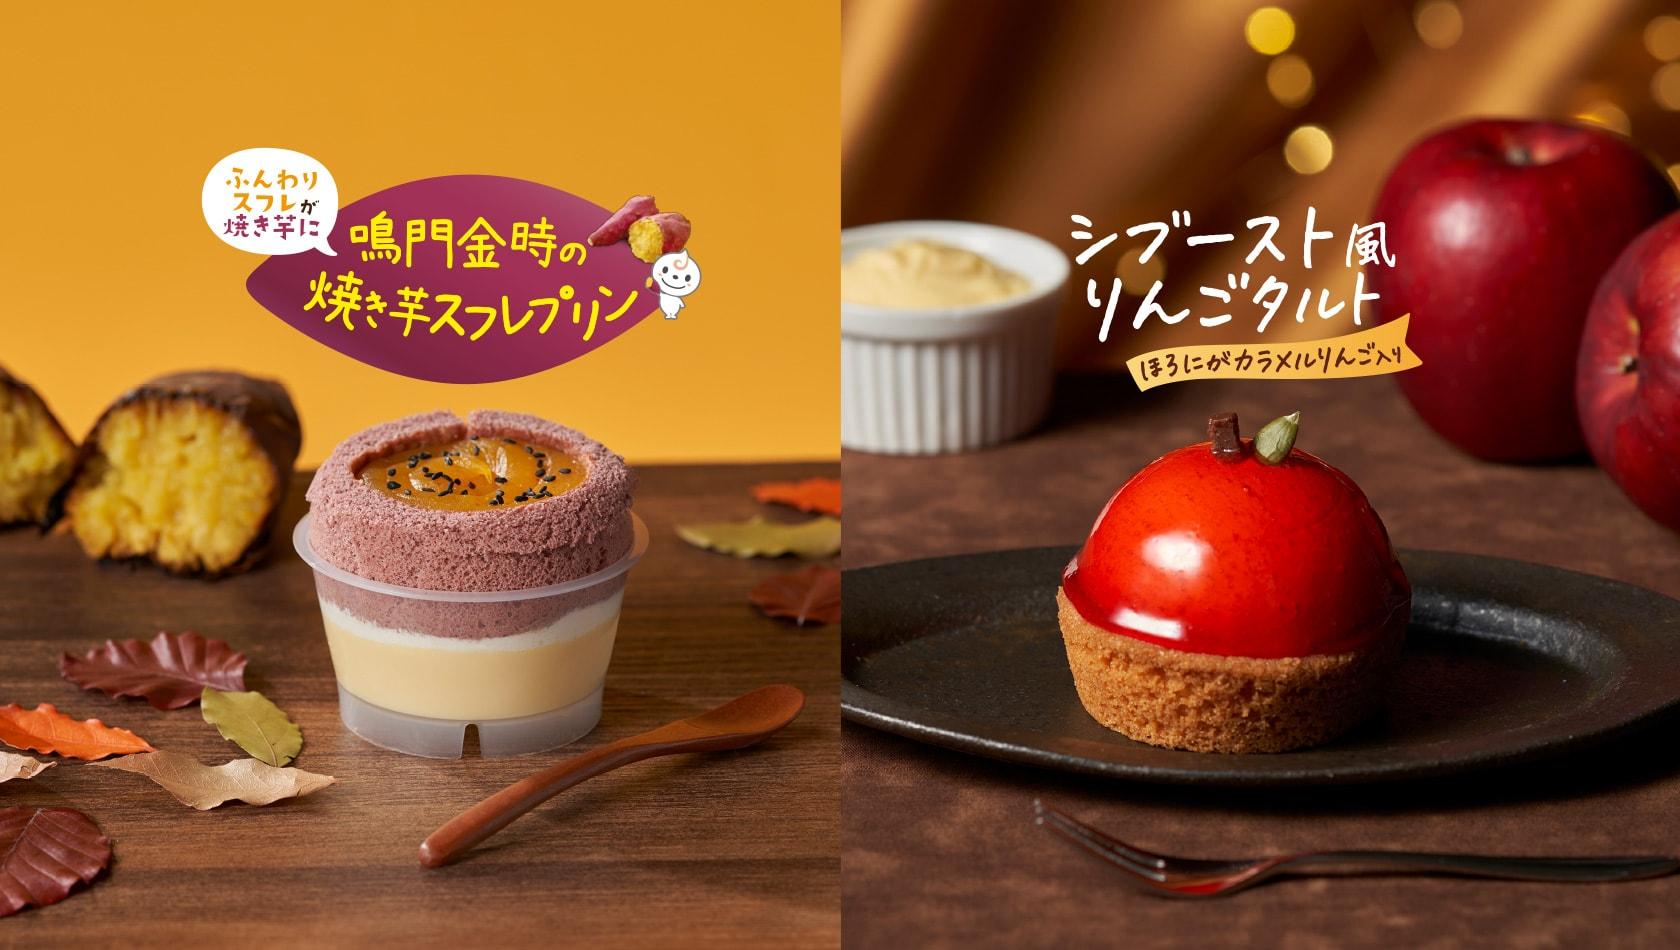 鳴門金時の焼き芋スフレプリン/シブースト風りんごタルト